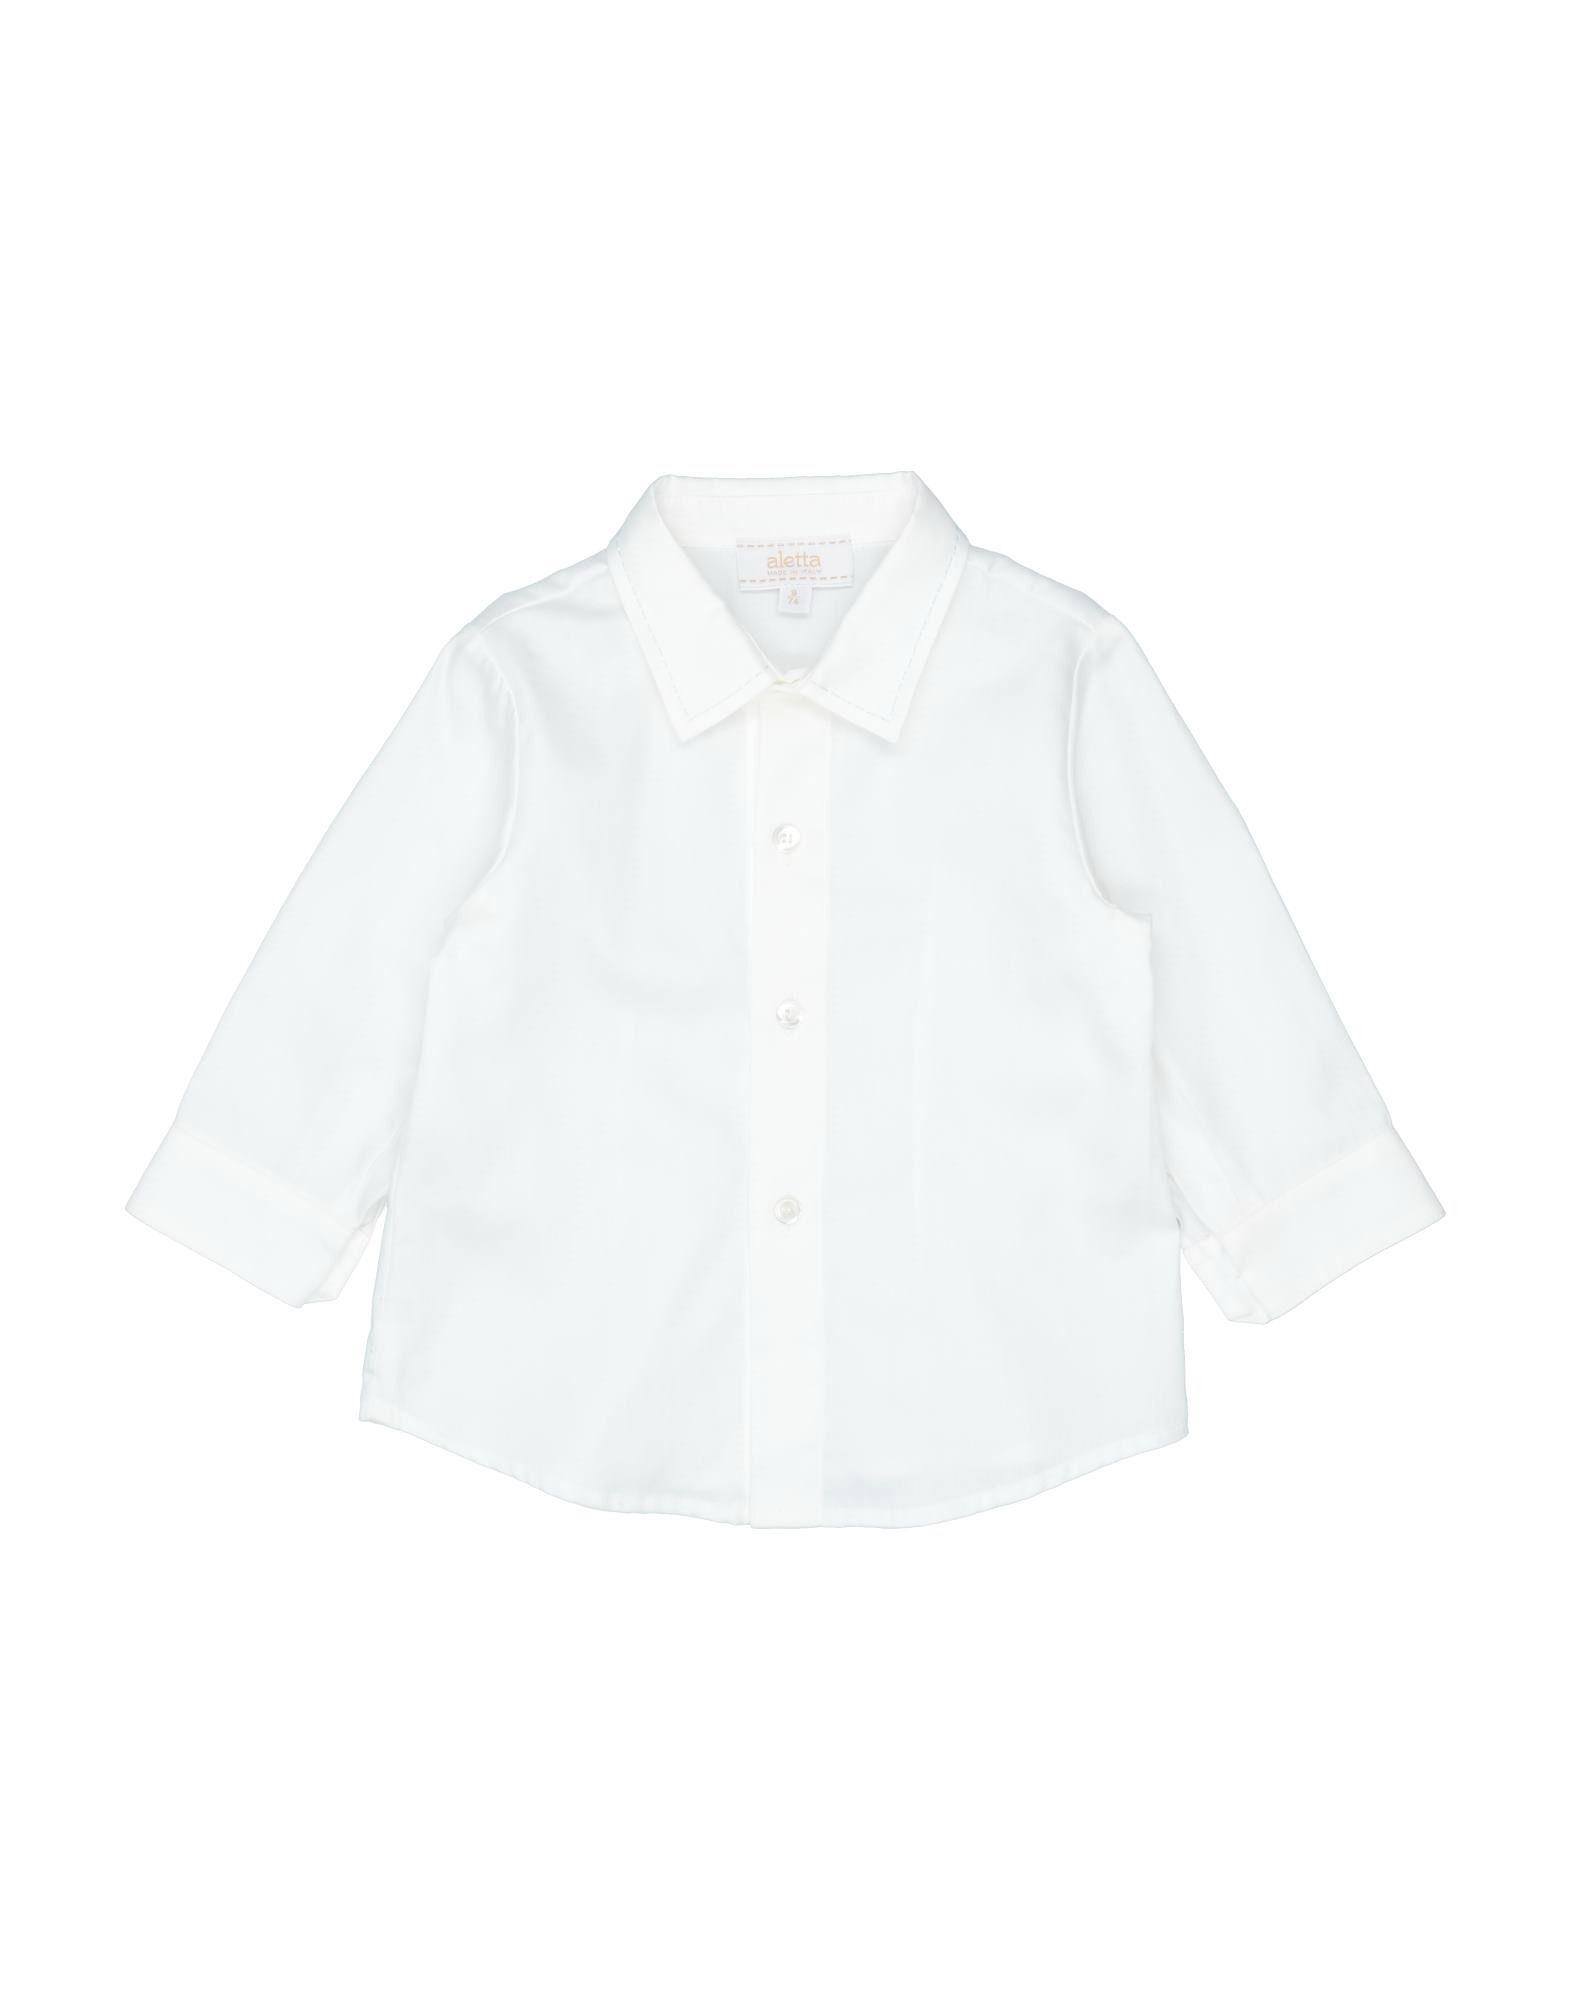 《セール開催中》ALETTA ボーイズ 0-24 ヶ月 シャツ ホワイト 9 コットン 100%